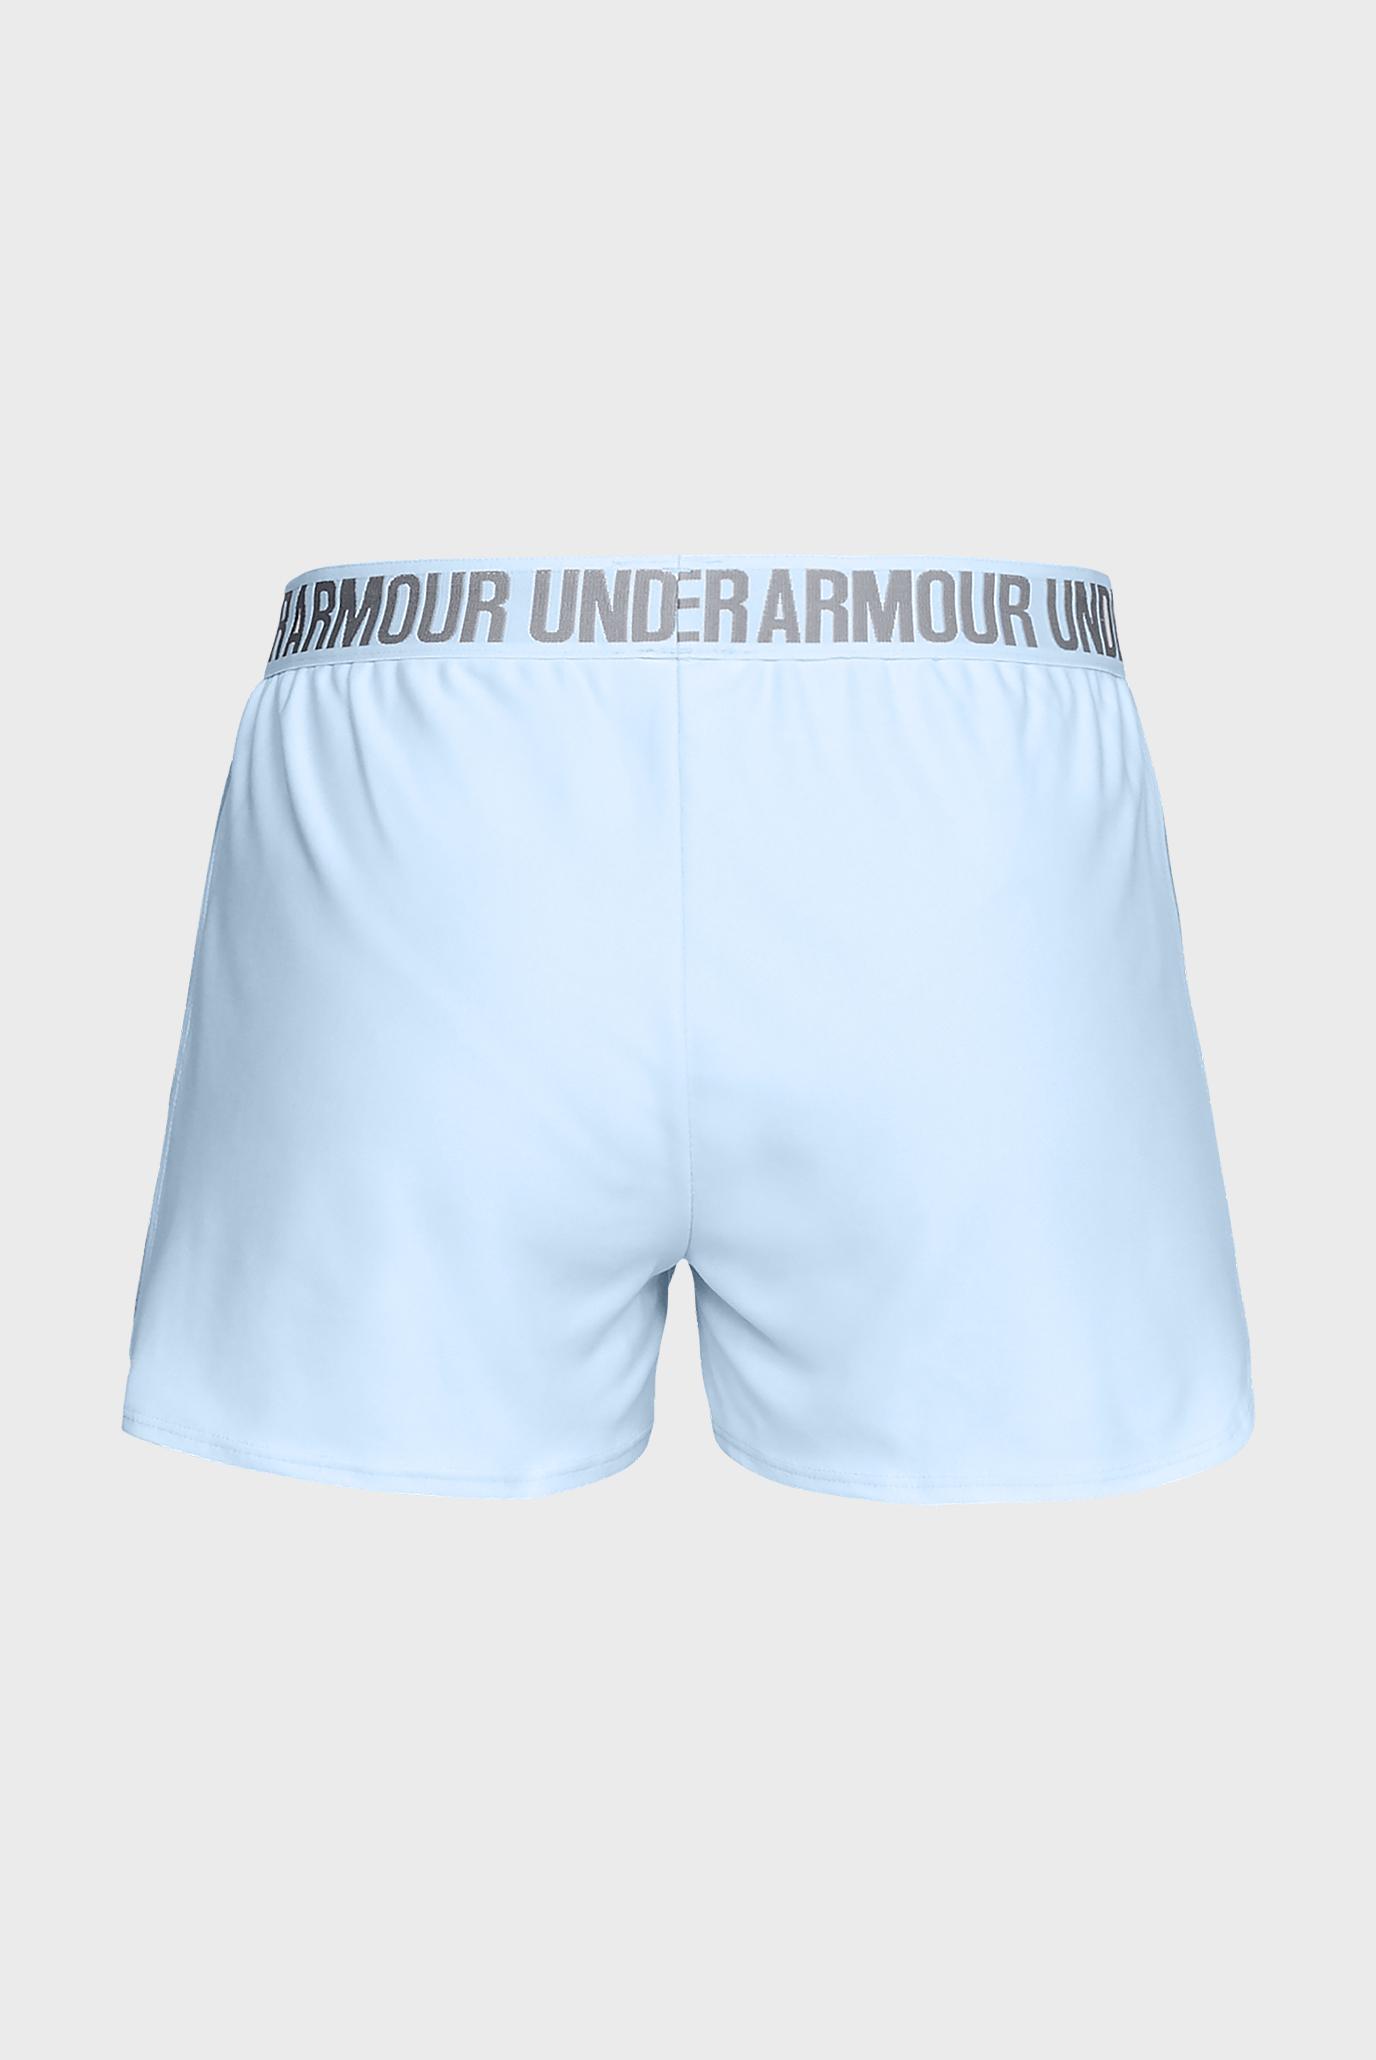 Купить Женские голубые шорты Play Up Short 2.0 Under Armour Under Armour 1292231-441 – Киев, Украина. Цены в интернет магазине MD Fashion